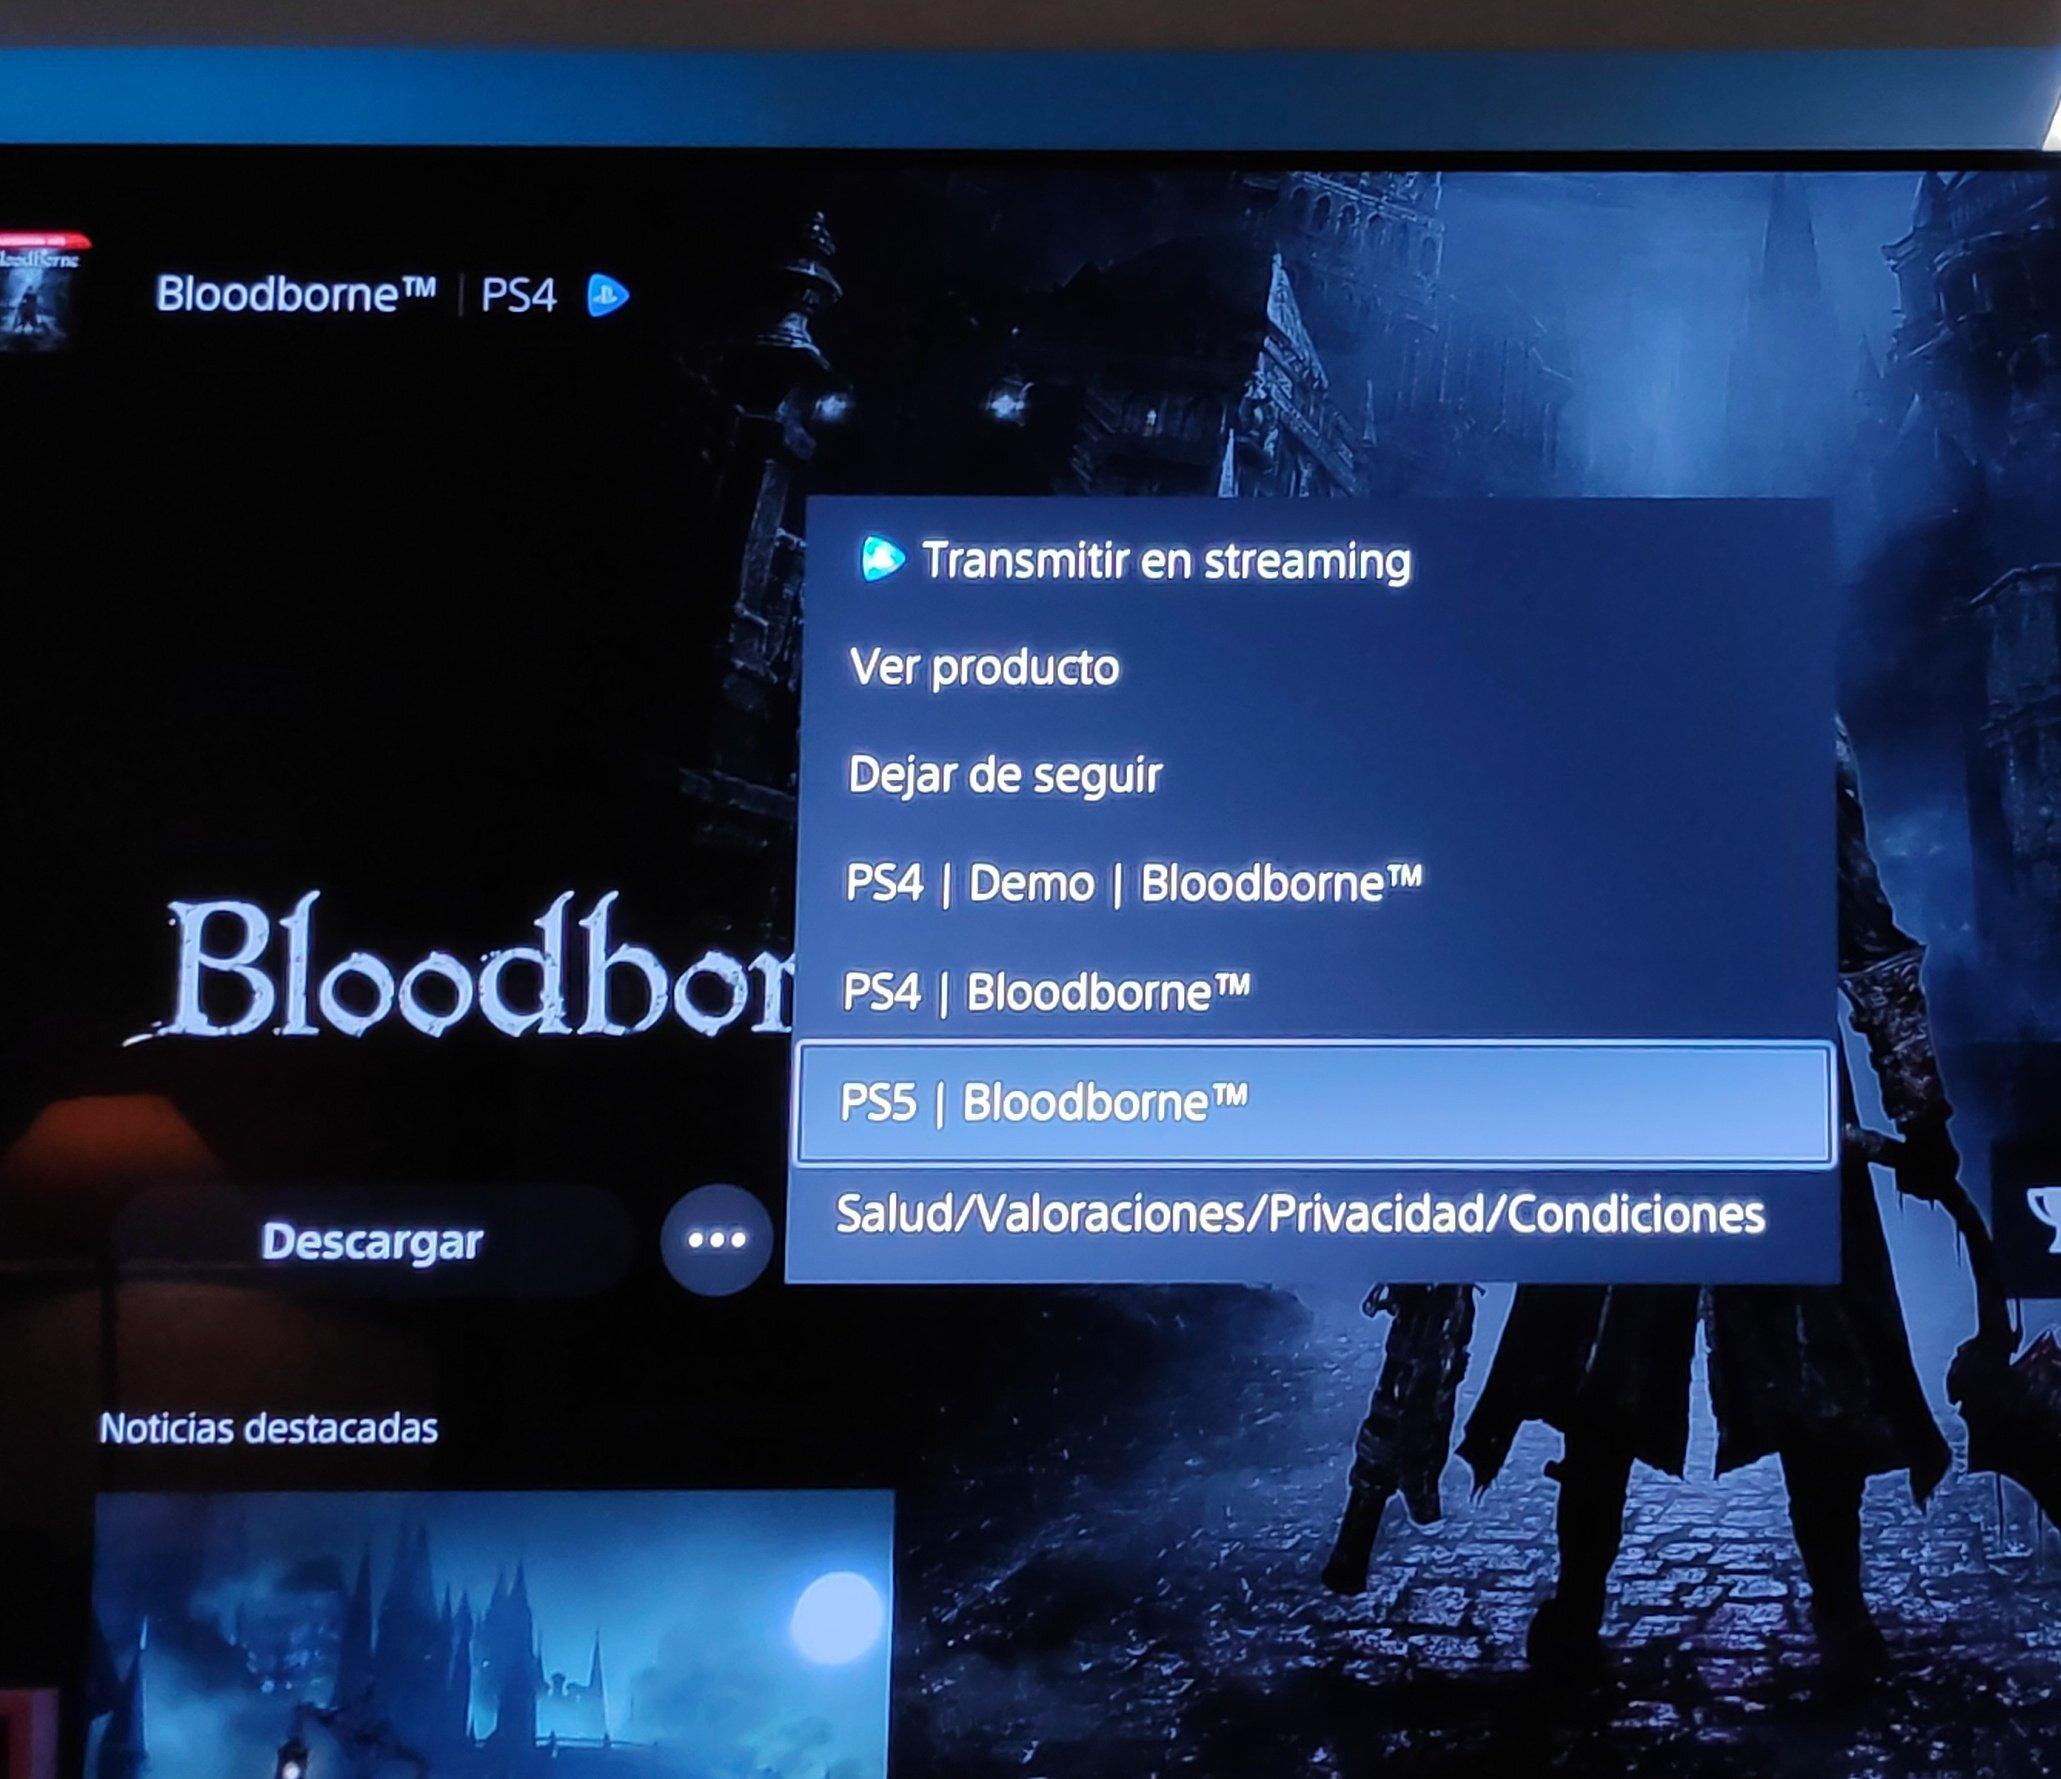 Баг или утечка? Игрок обнаружил в PlayStation Store упоминание Bloodborne для PS5